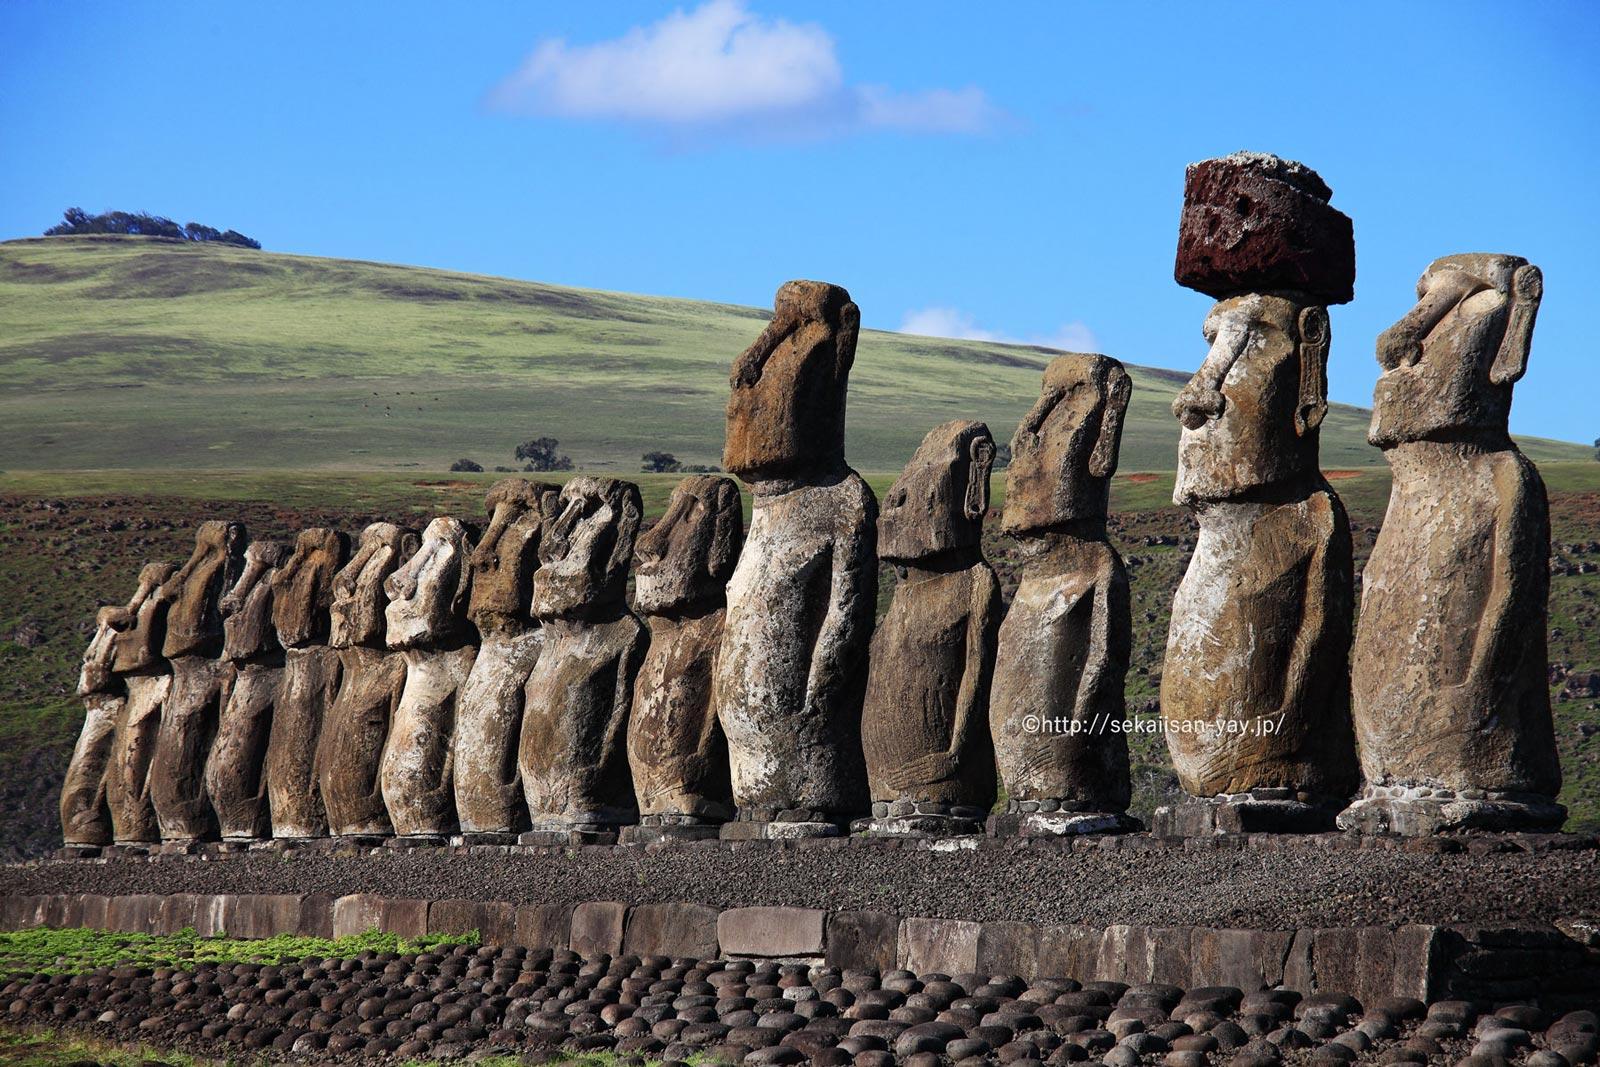 チリ「ラパ・ヌイ国立公園」(イースター島・モアイ)